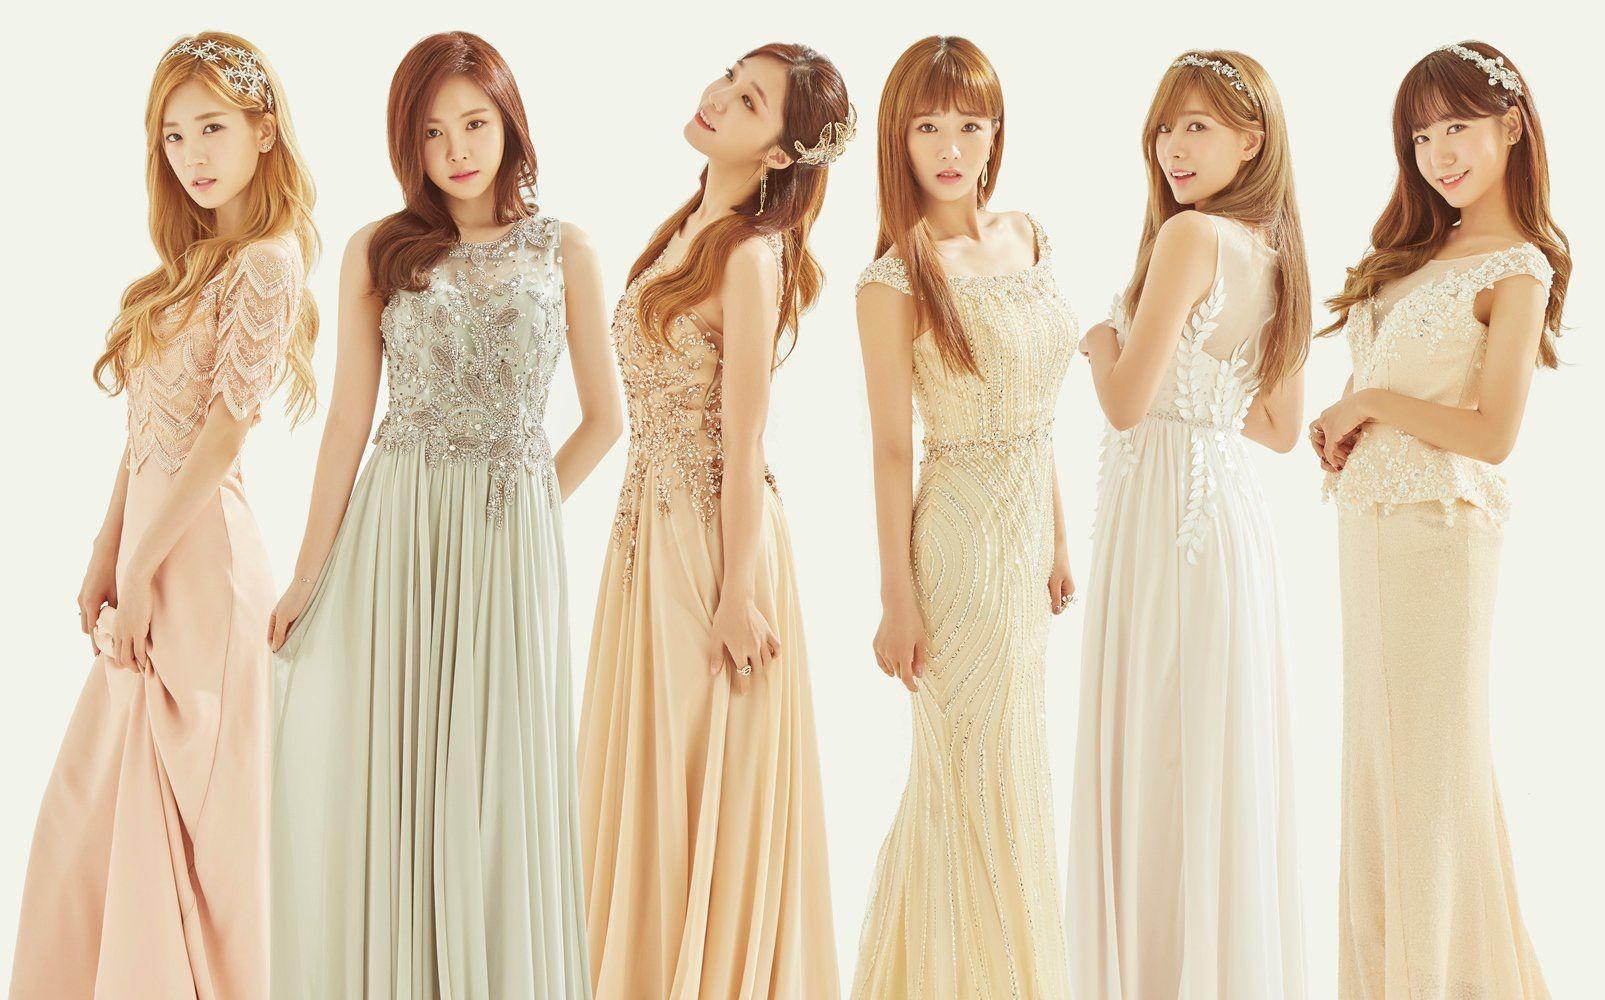 Pin by Emi Jennifer♡ on Apink Dresses, Satin dresses